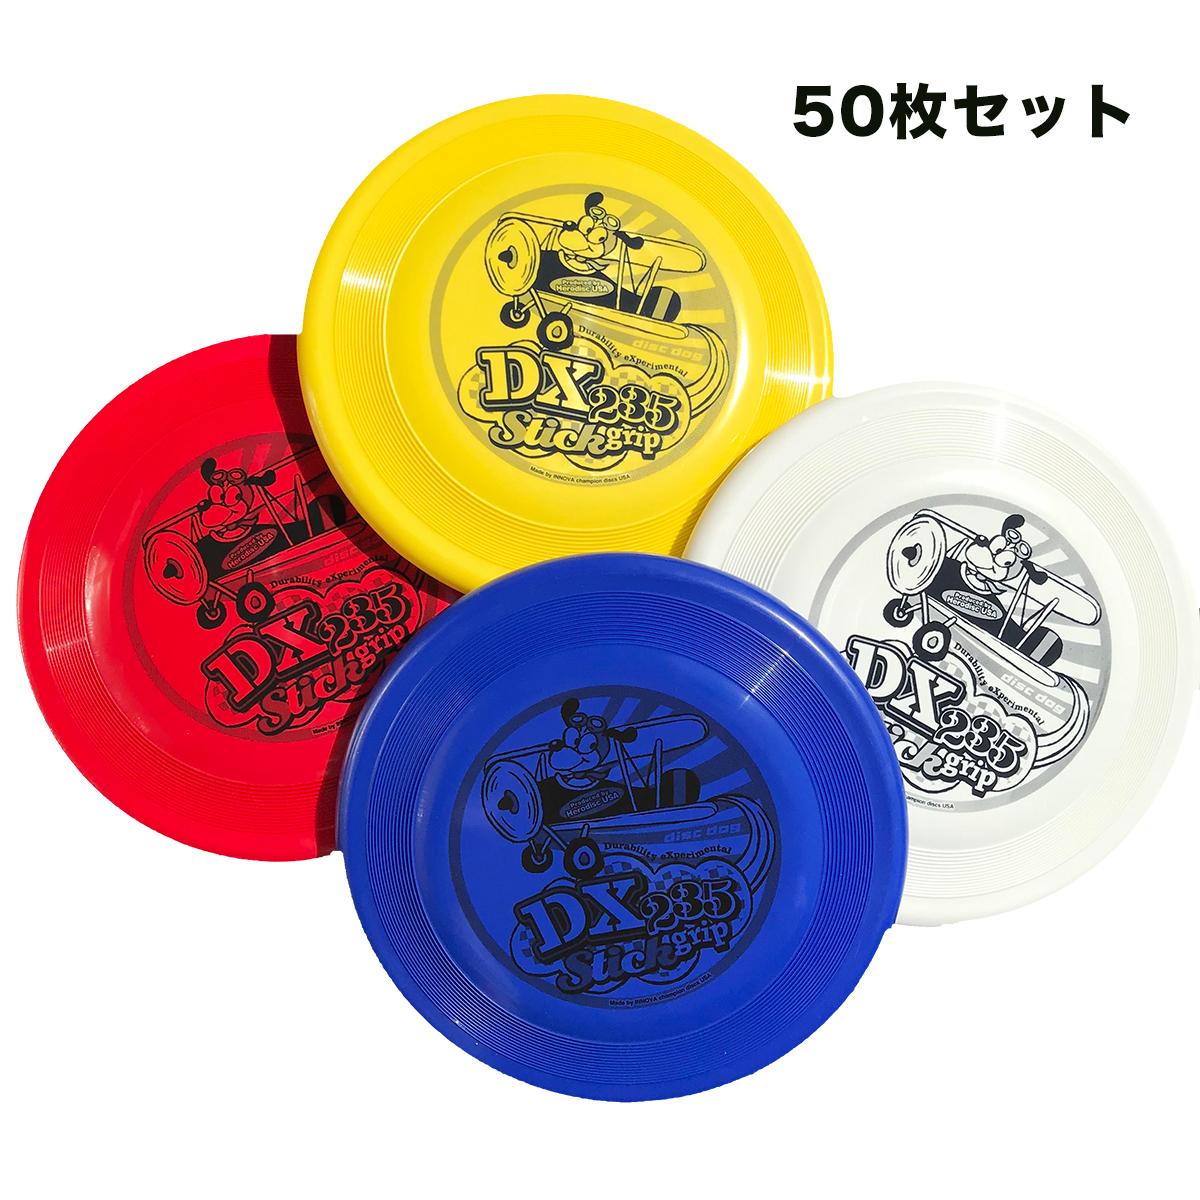 Hero DX 235 Stick grip 50枚セット